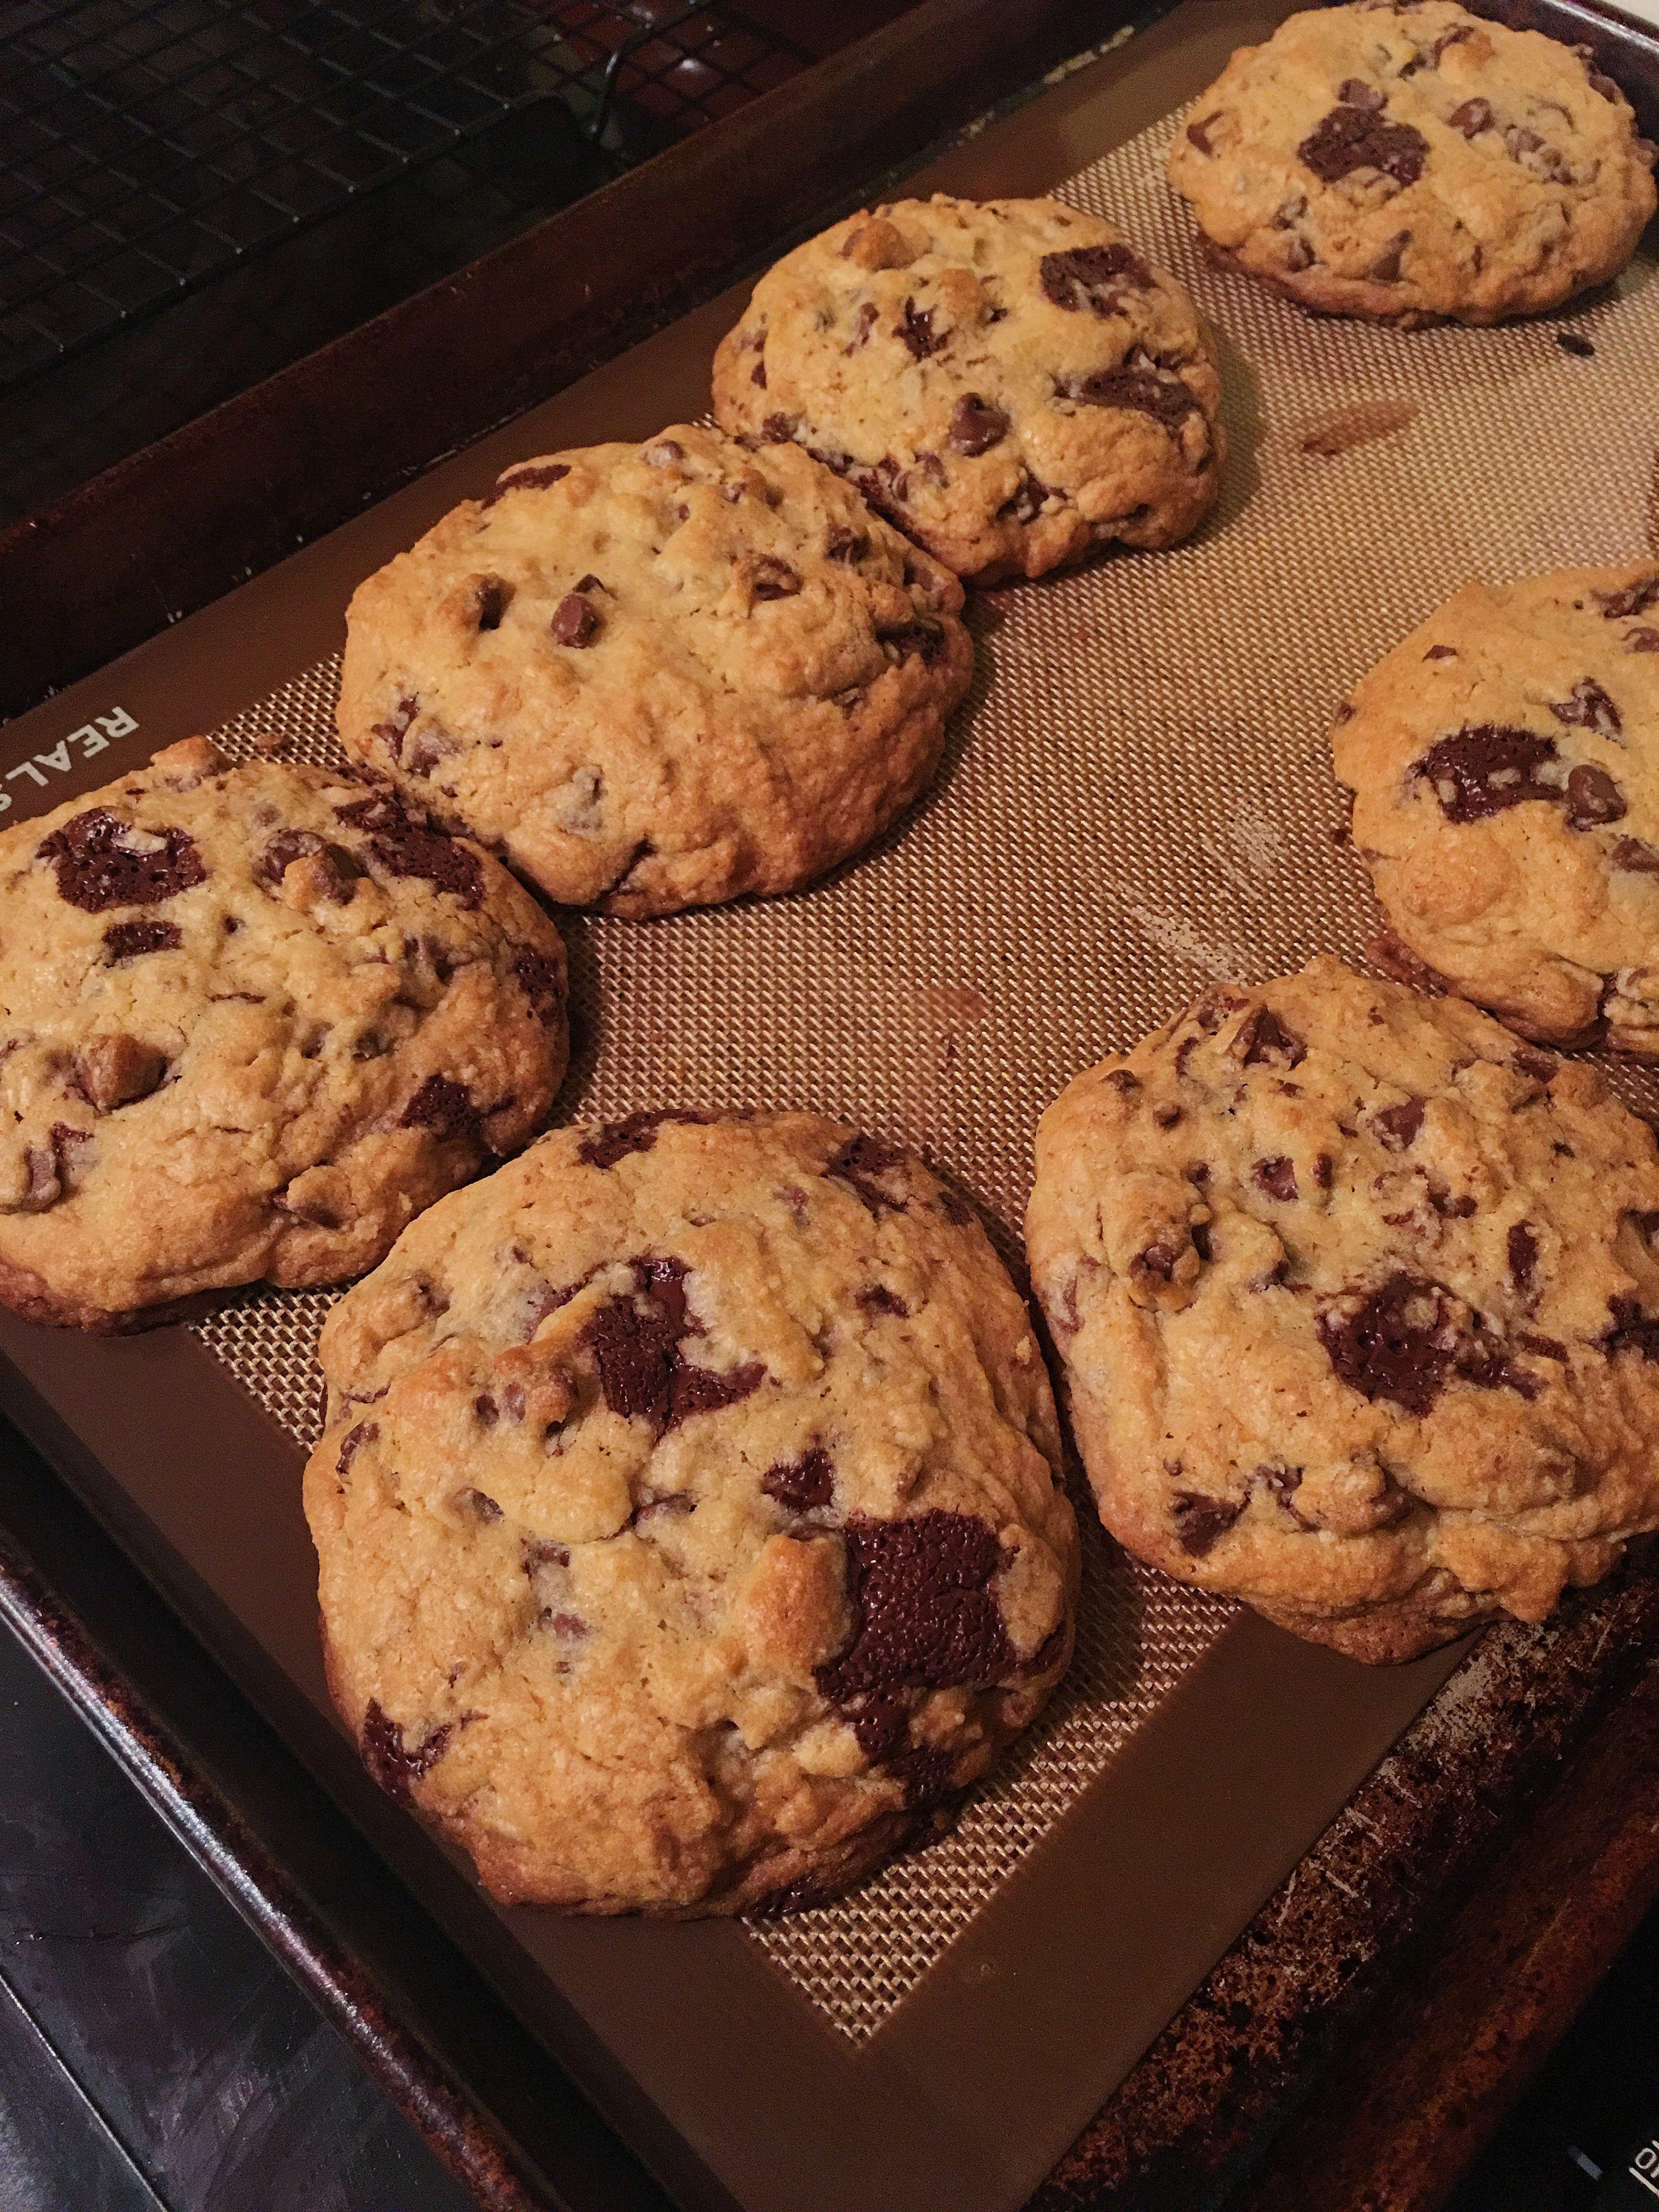 Levain bakery copy cat cookies....heaven.